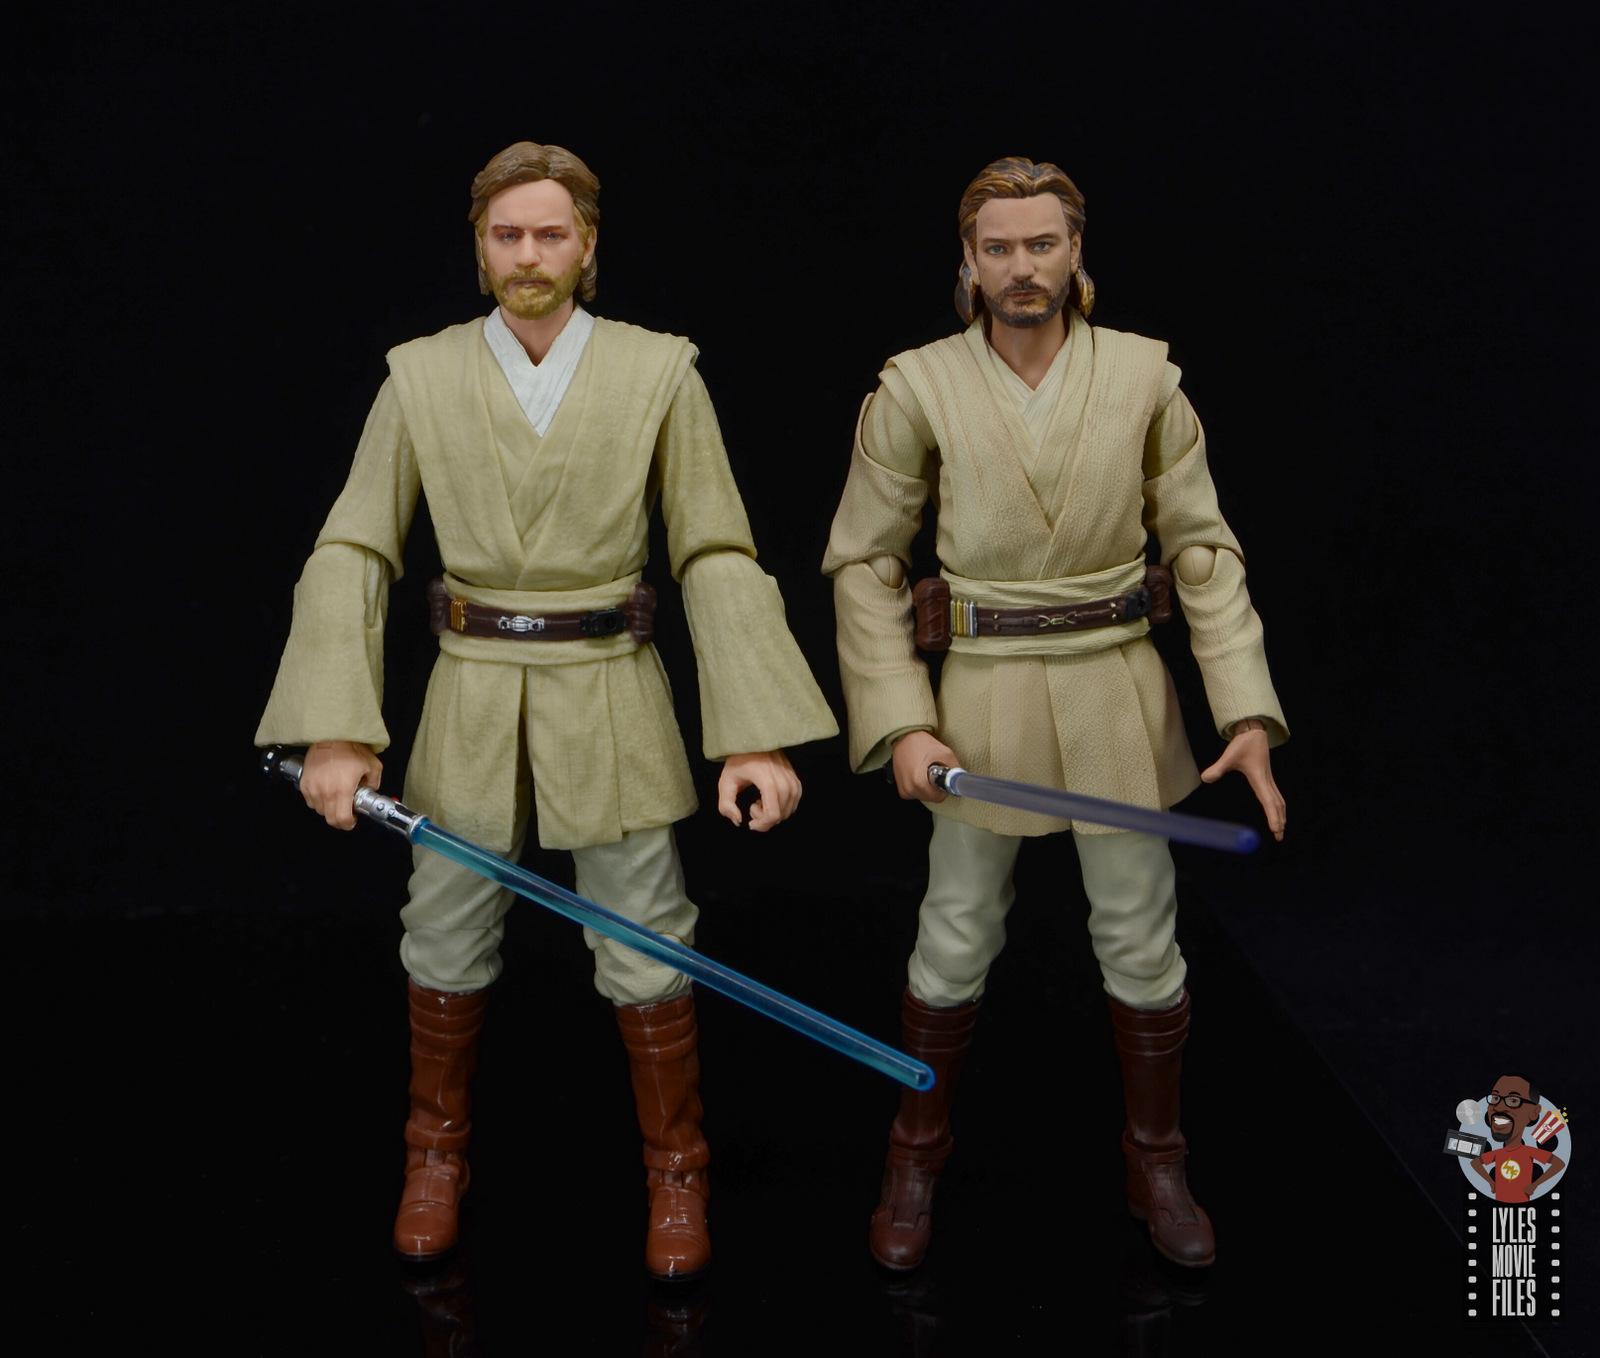 Star Wars Black Series Wave 25 Ep. 2 Attack of the Clones Obi-Wan Kenobi